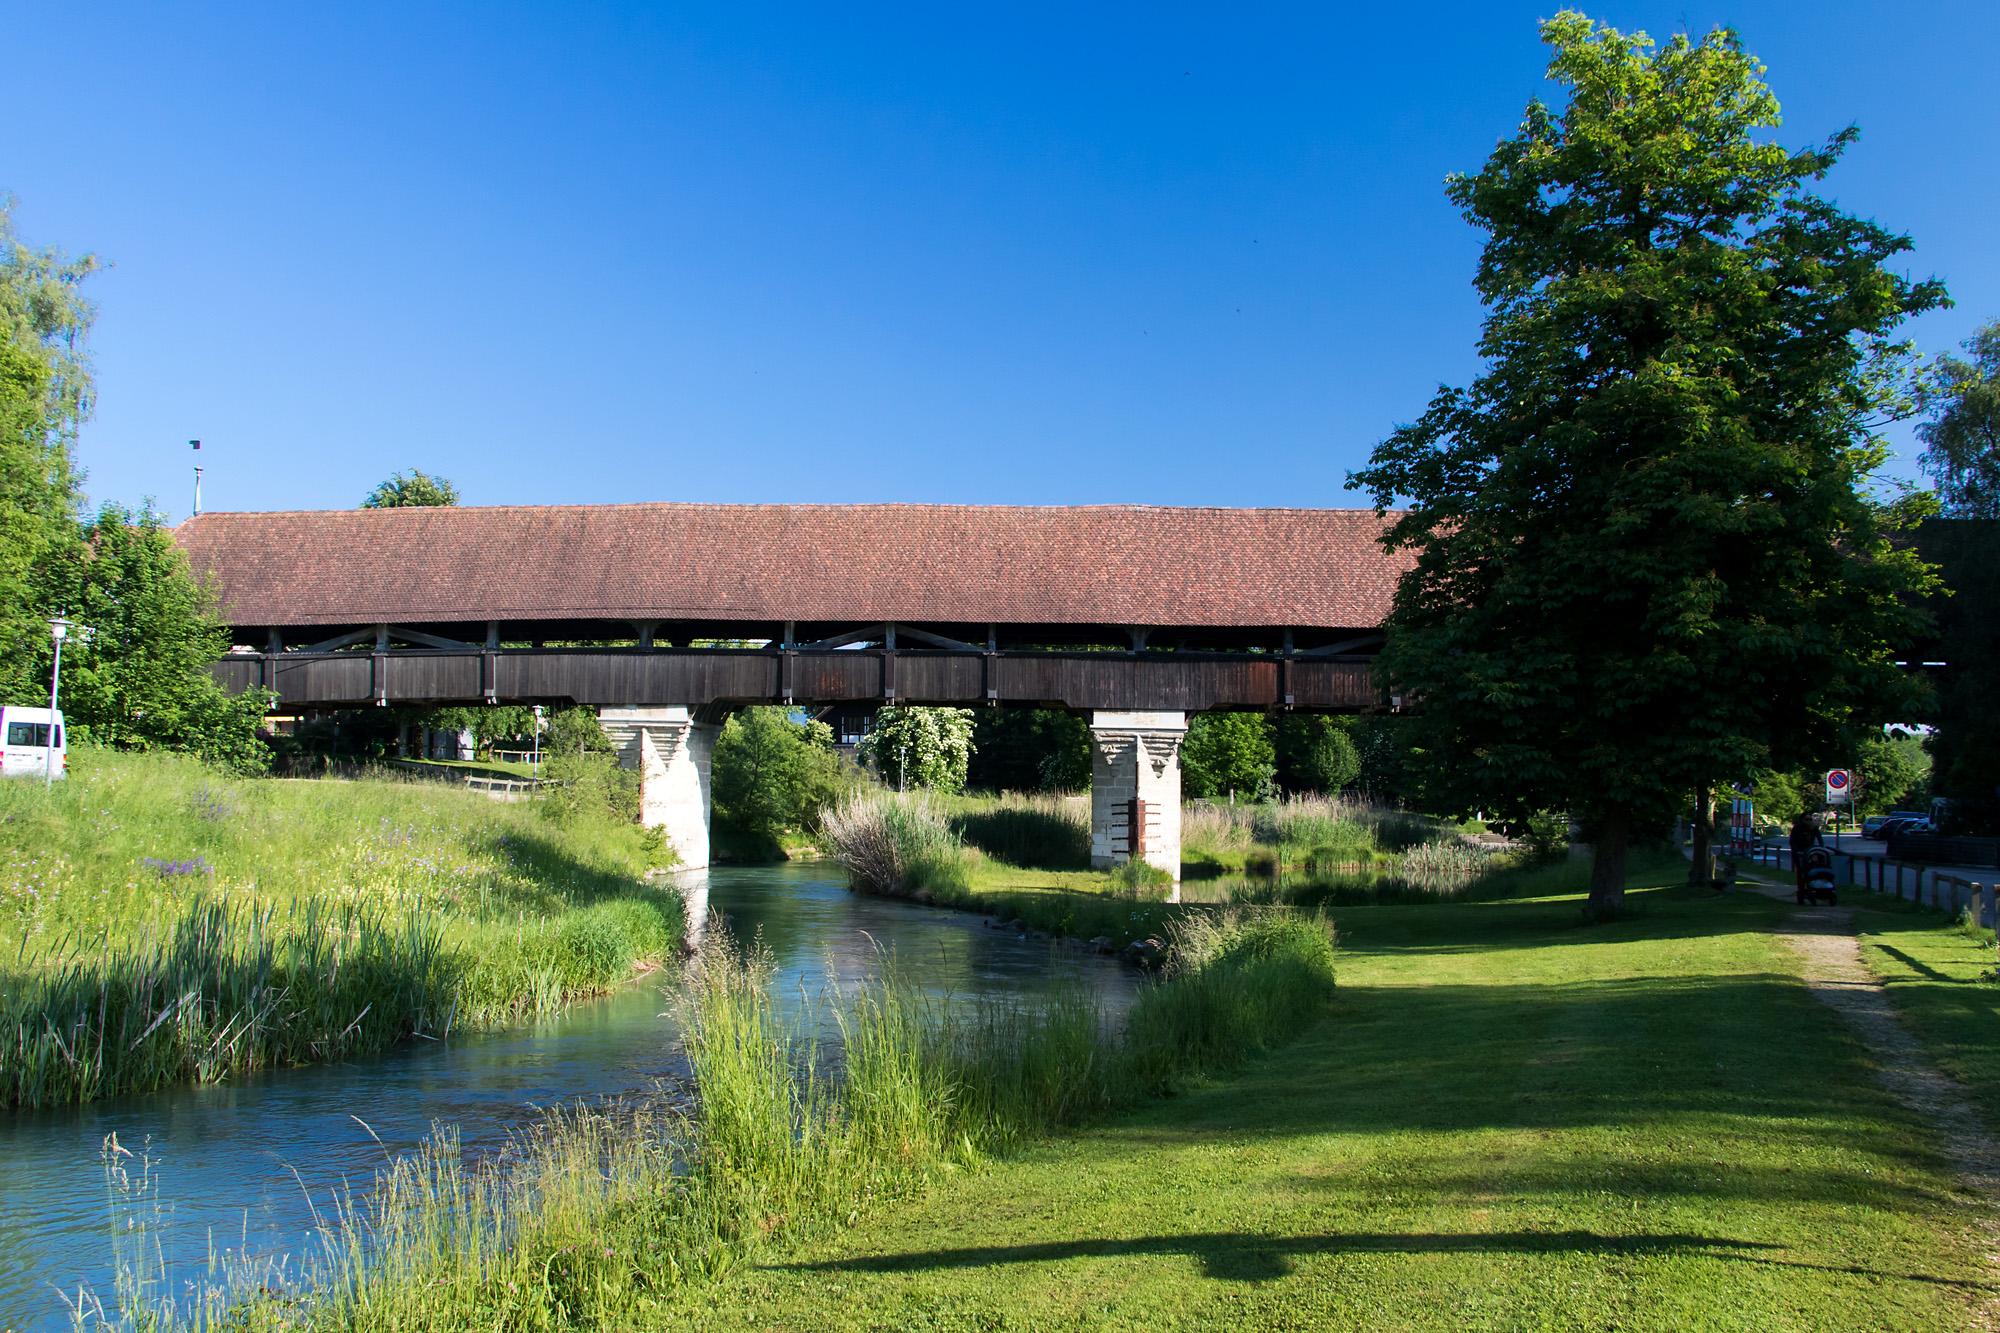 Die 500 Jahre alte Holzbrücke von Aarberg, BE